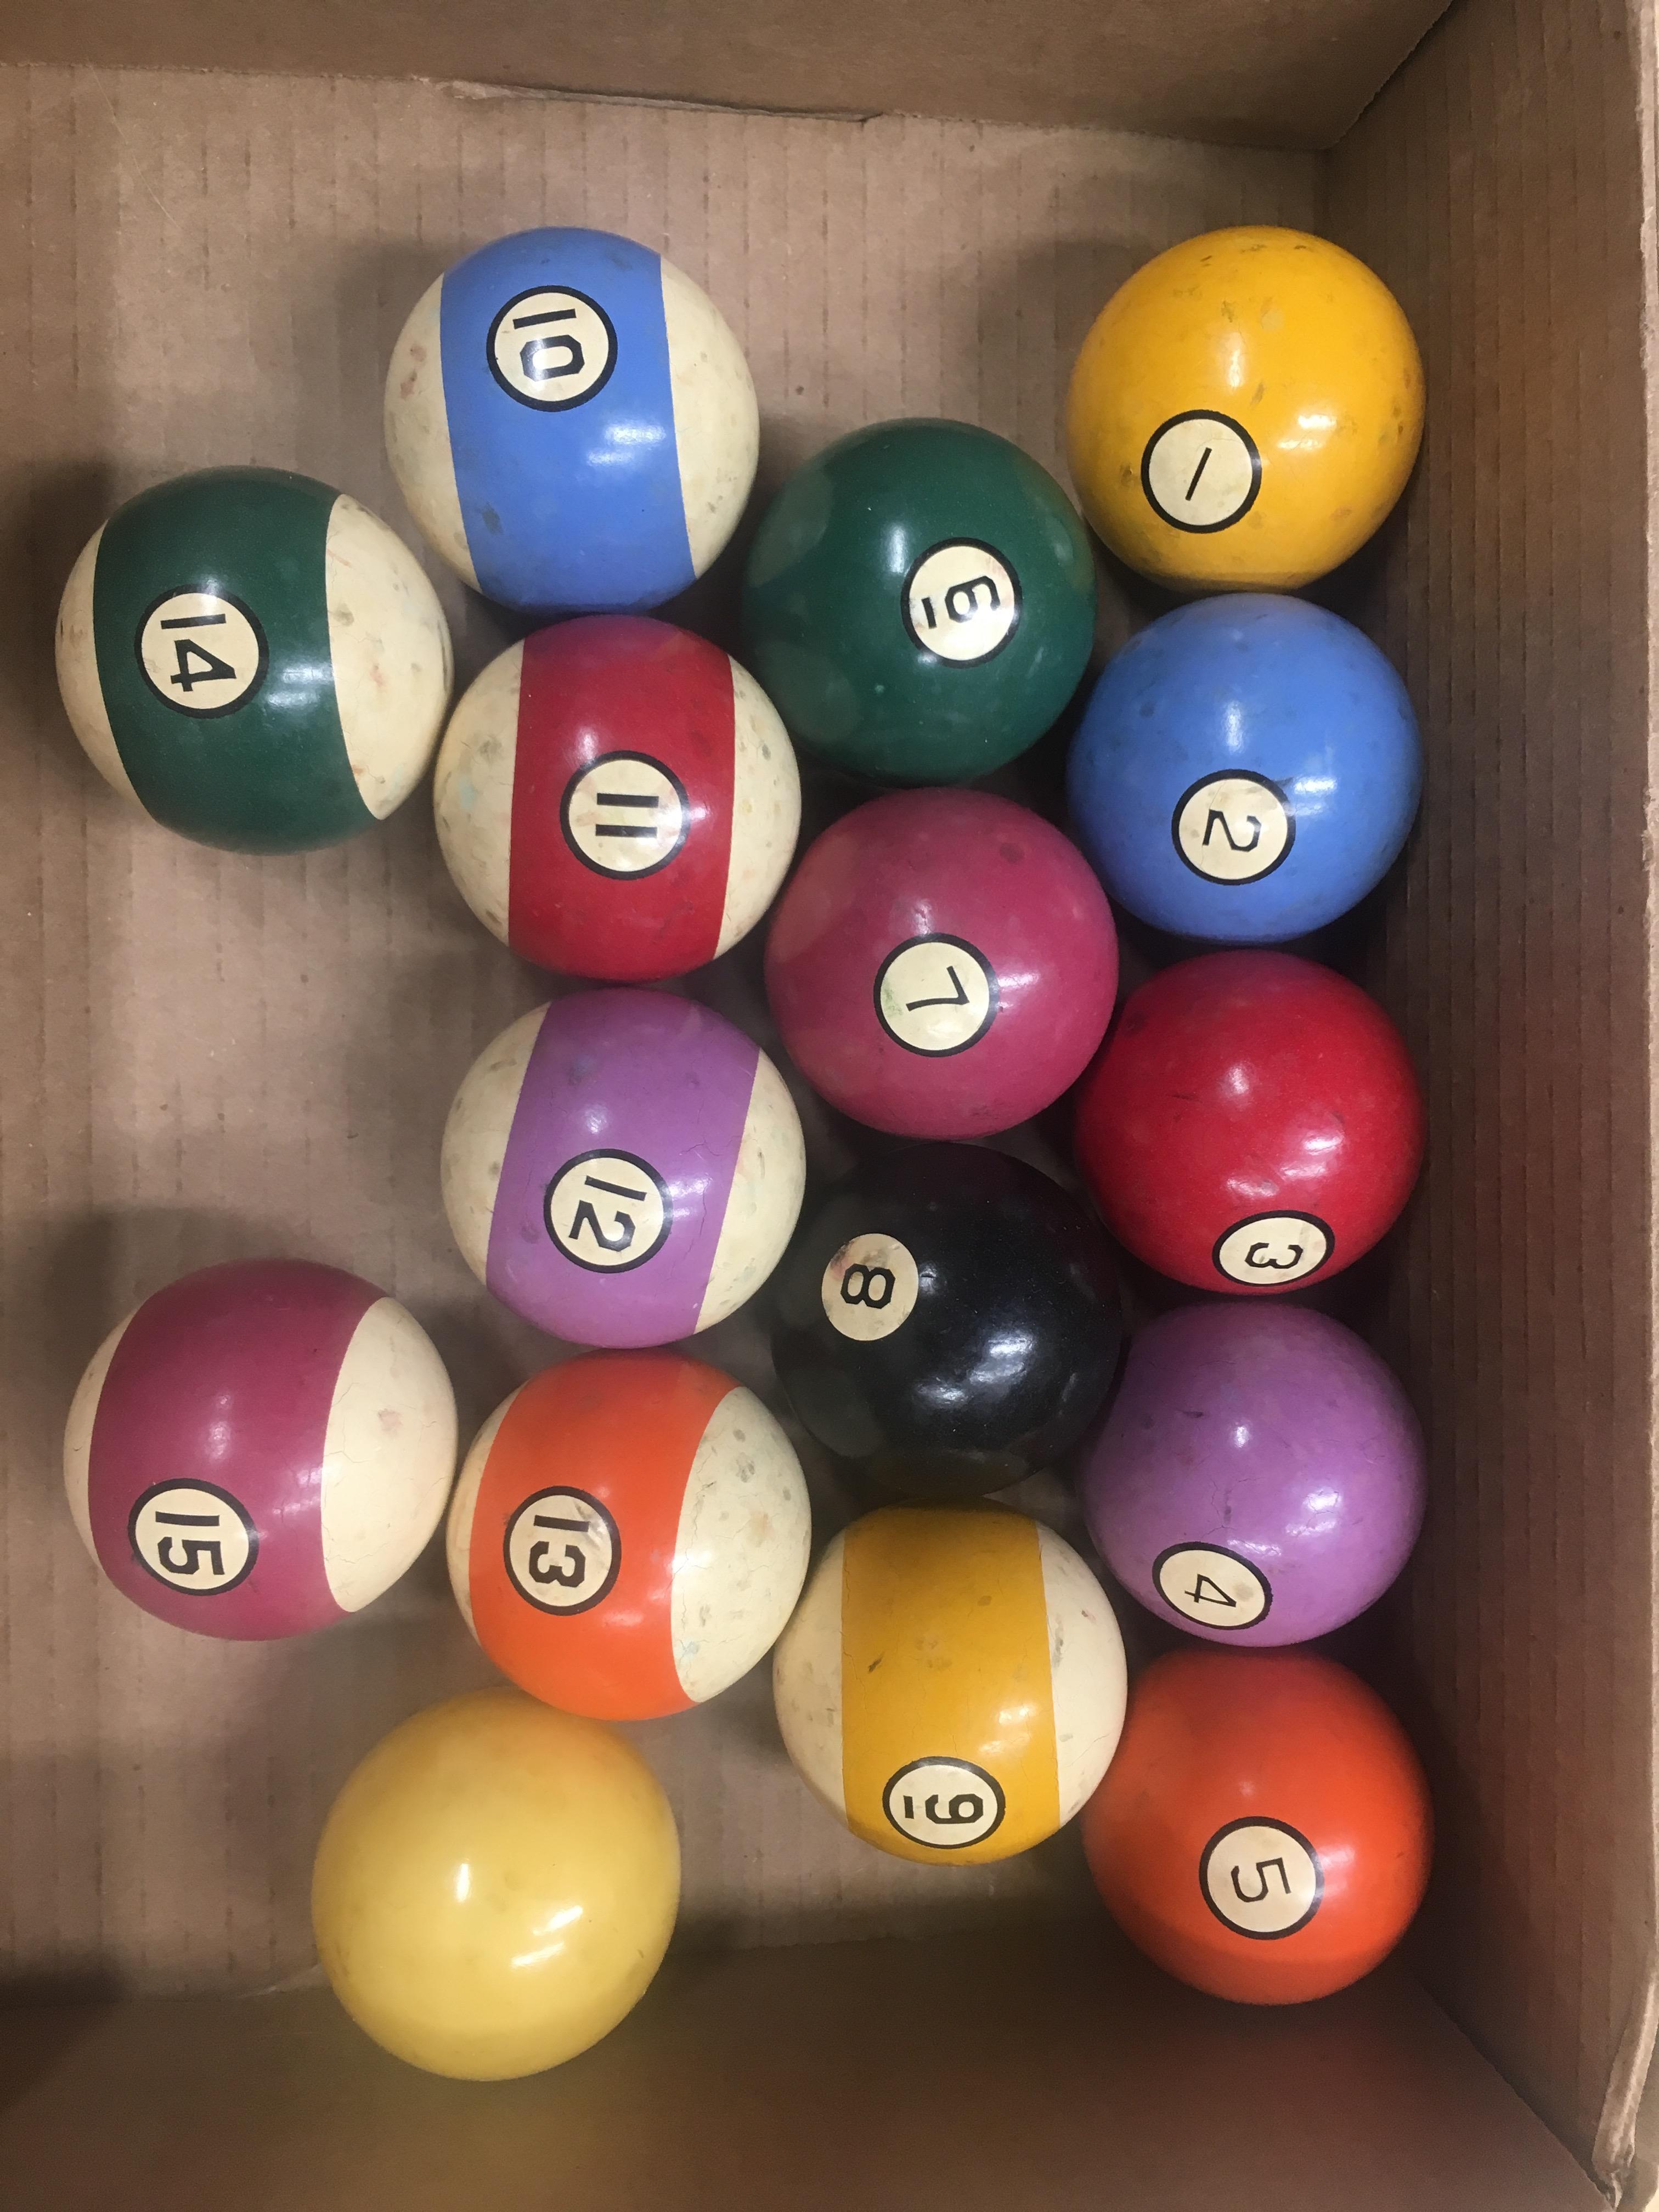 ip walmart mainstreet balls pool en table top billiards canada classics